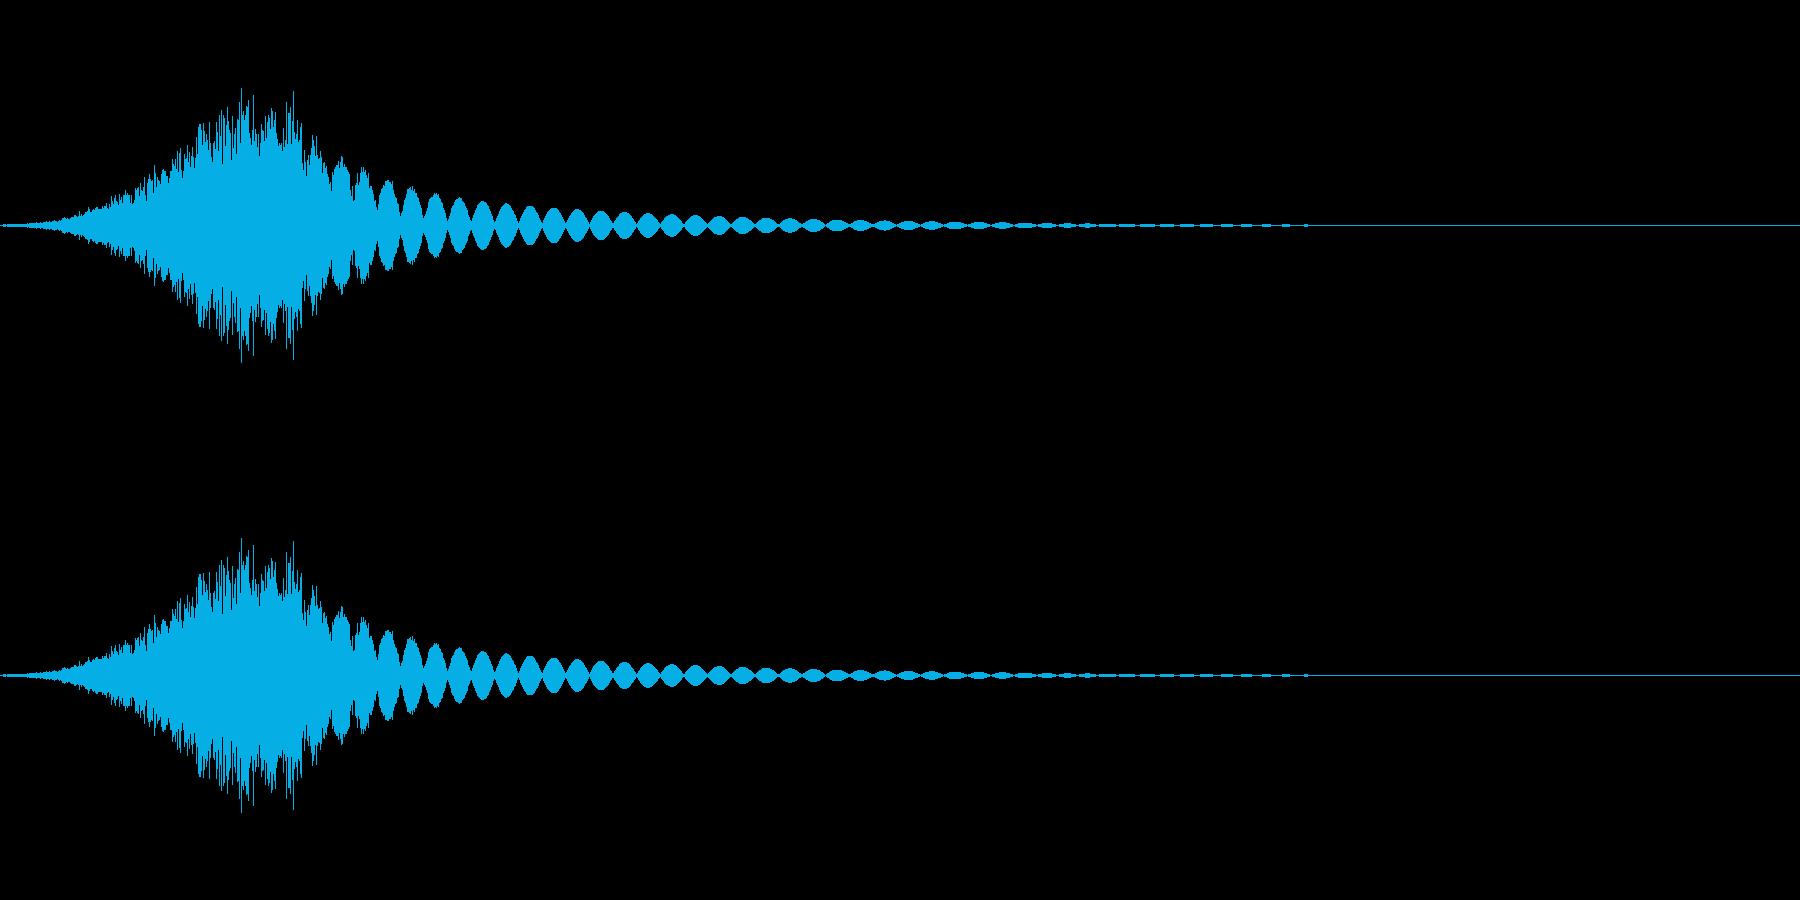 砂利の音(細かめ)の再生済みの波形